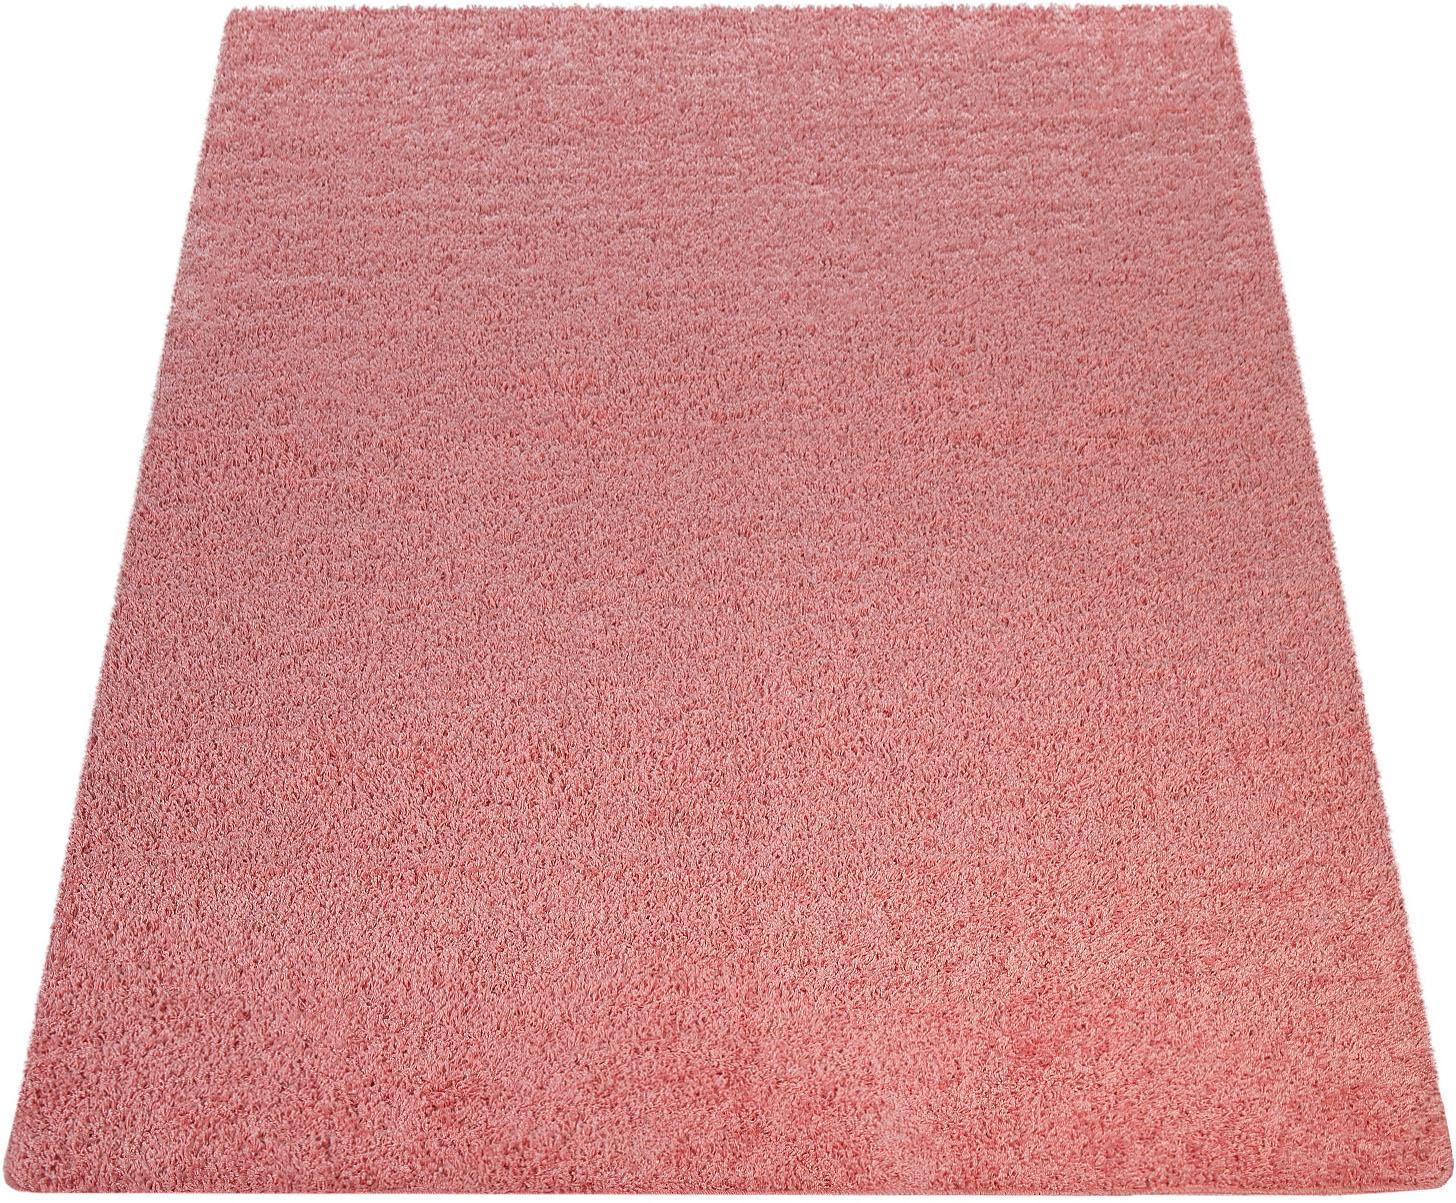 Hochflor-Teppich Vienna 200 Paco Home rechteckig Höhe 25 mm maschinell gewebt